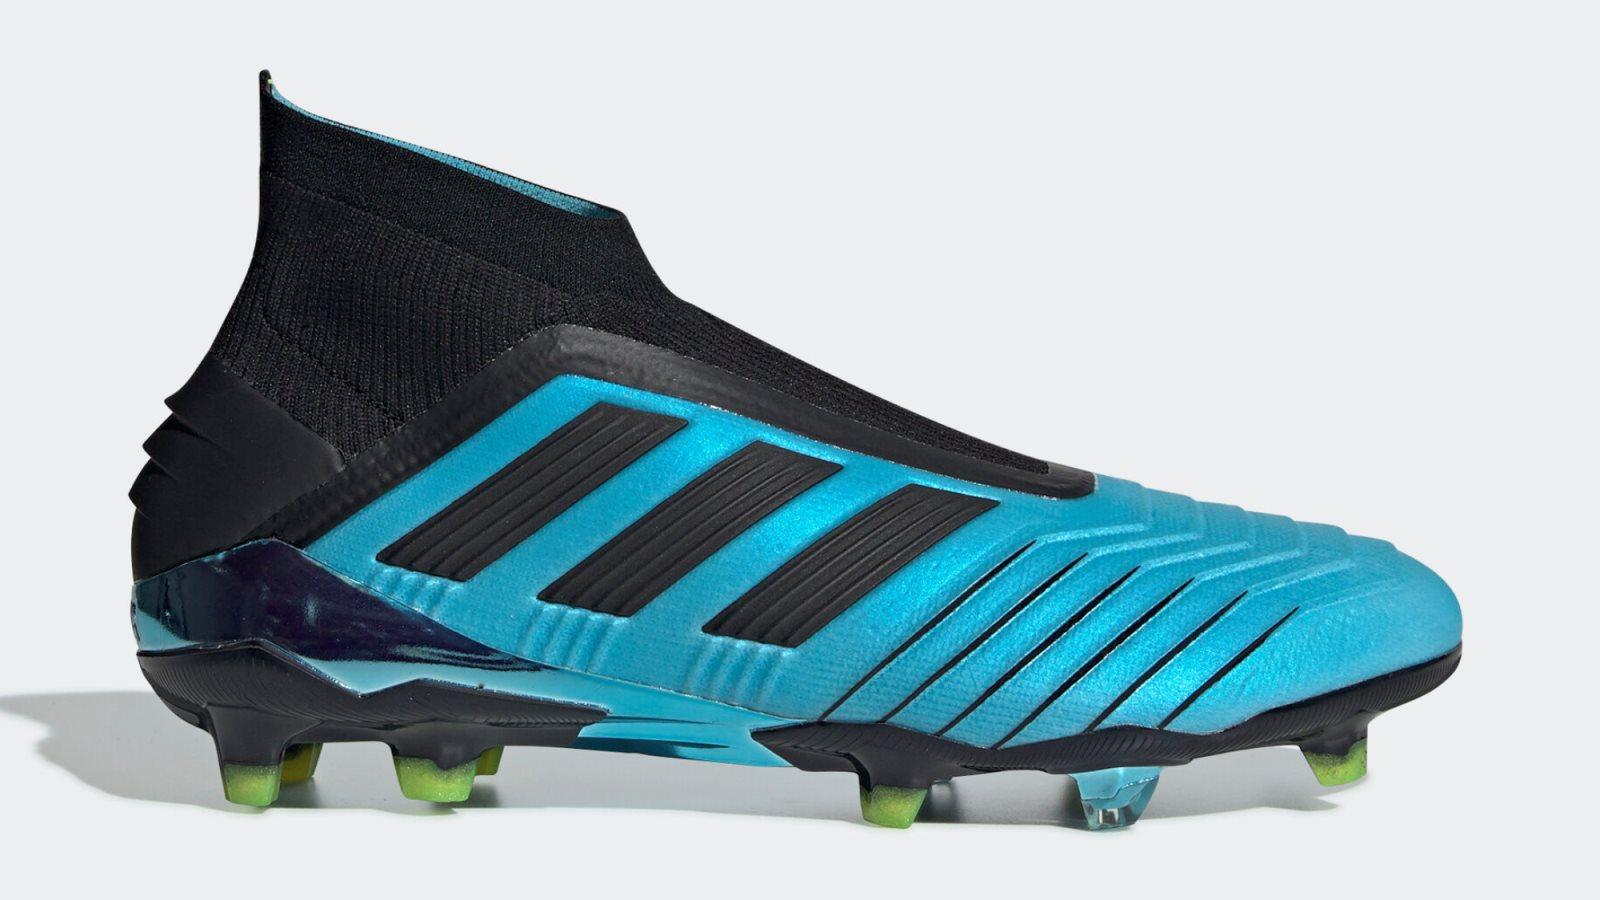 outlet online vendita di liquidazione Regno Unito Scarpe da calcio di Paul Pogba